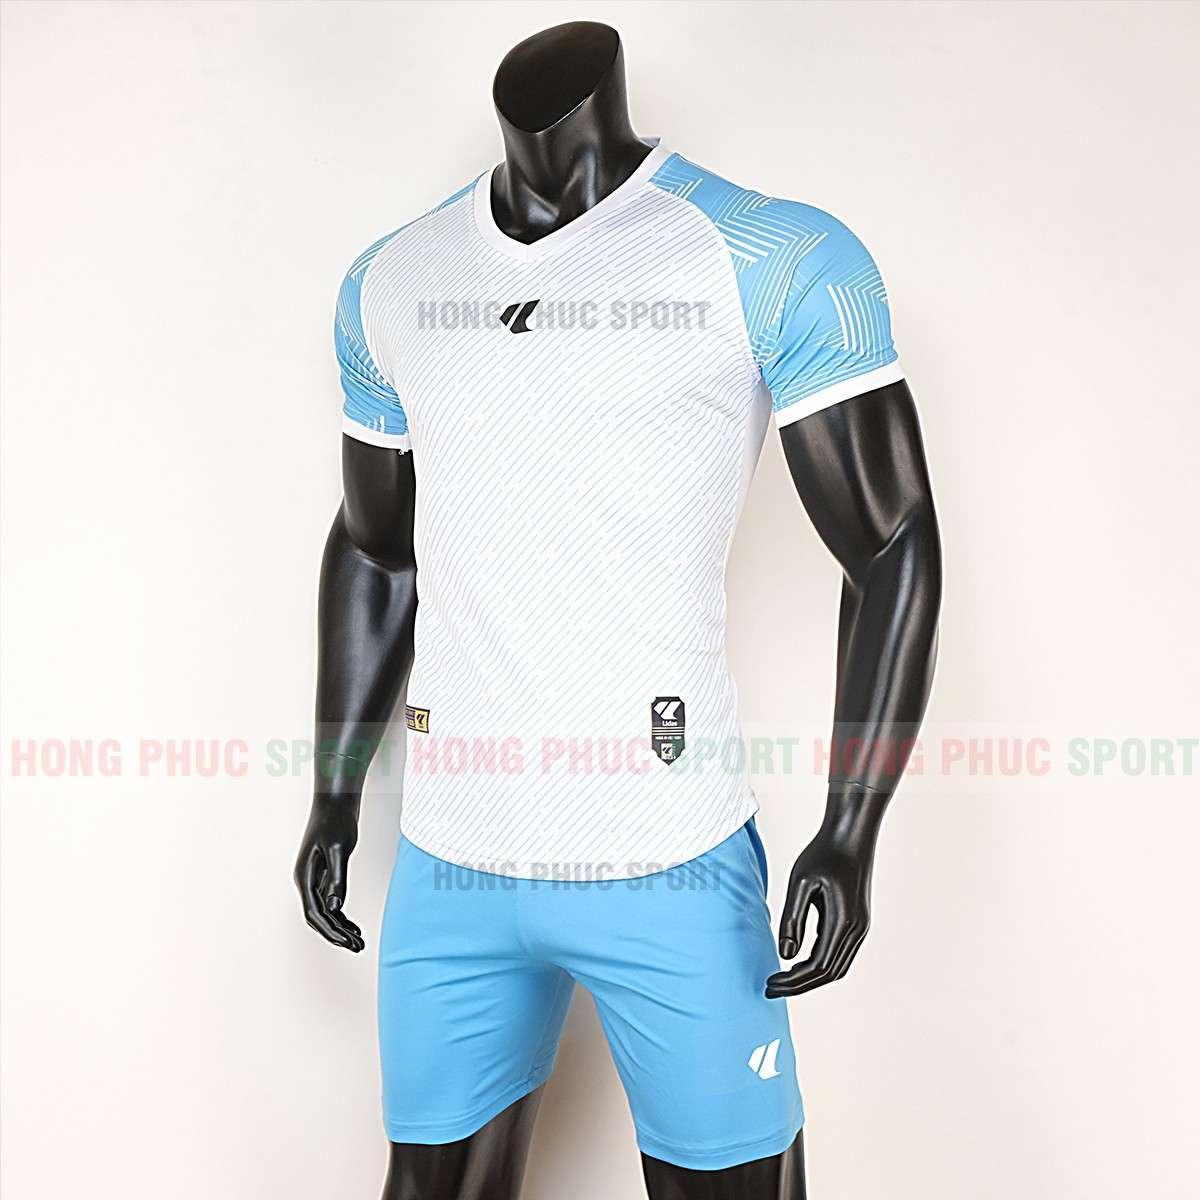 Mẫu áo đá bóng không logo Lidas Wariors 2020 trắng xanh bích tự thiết kế